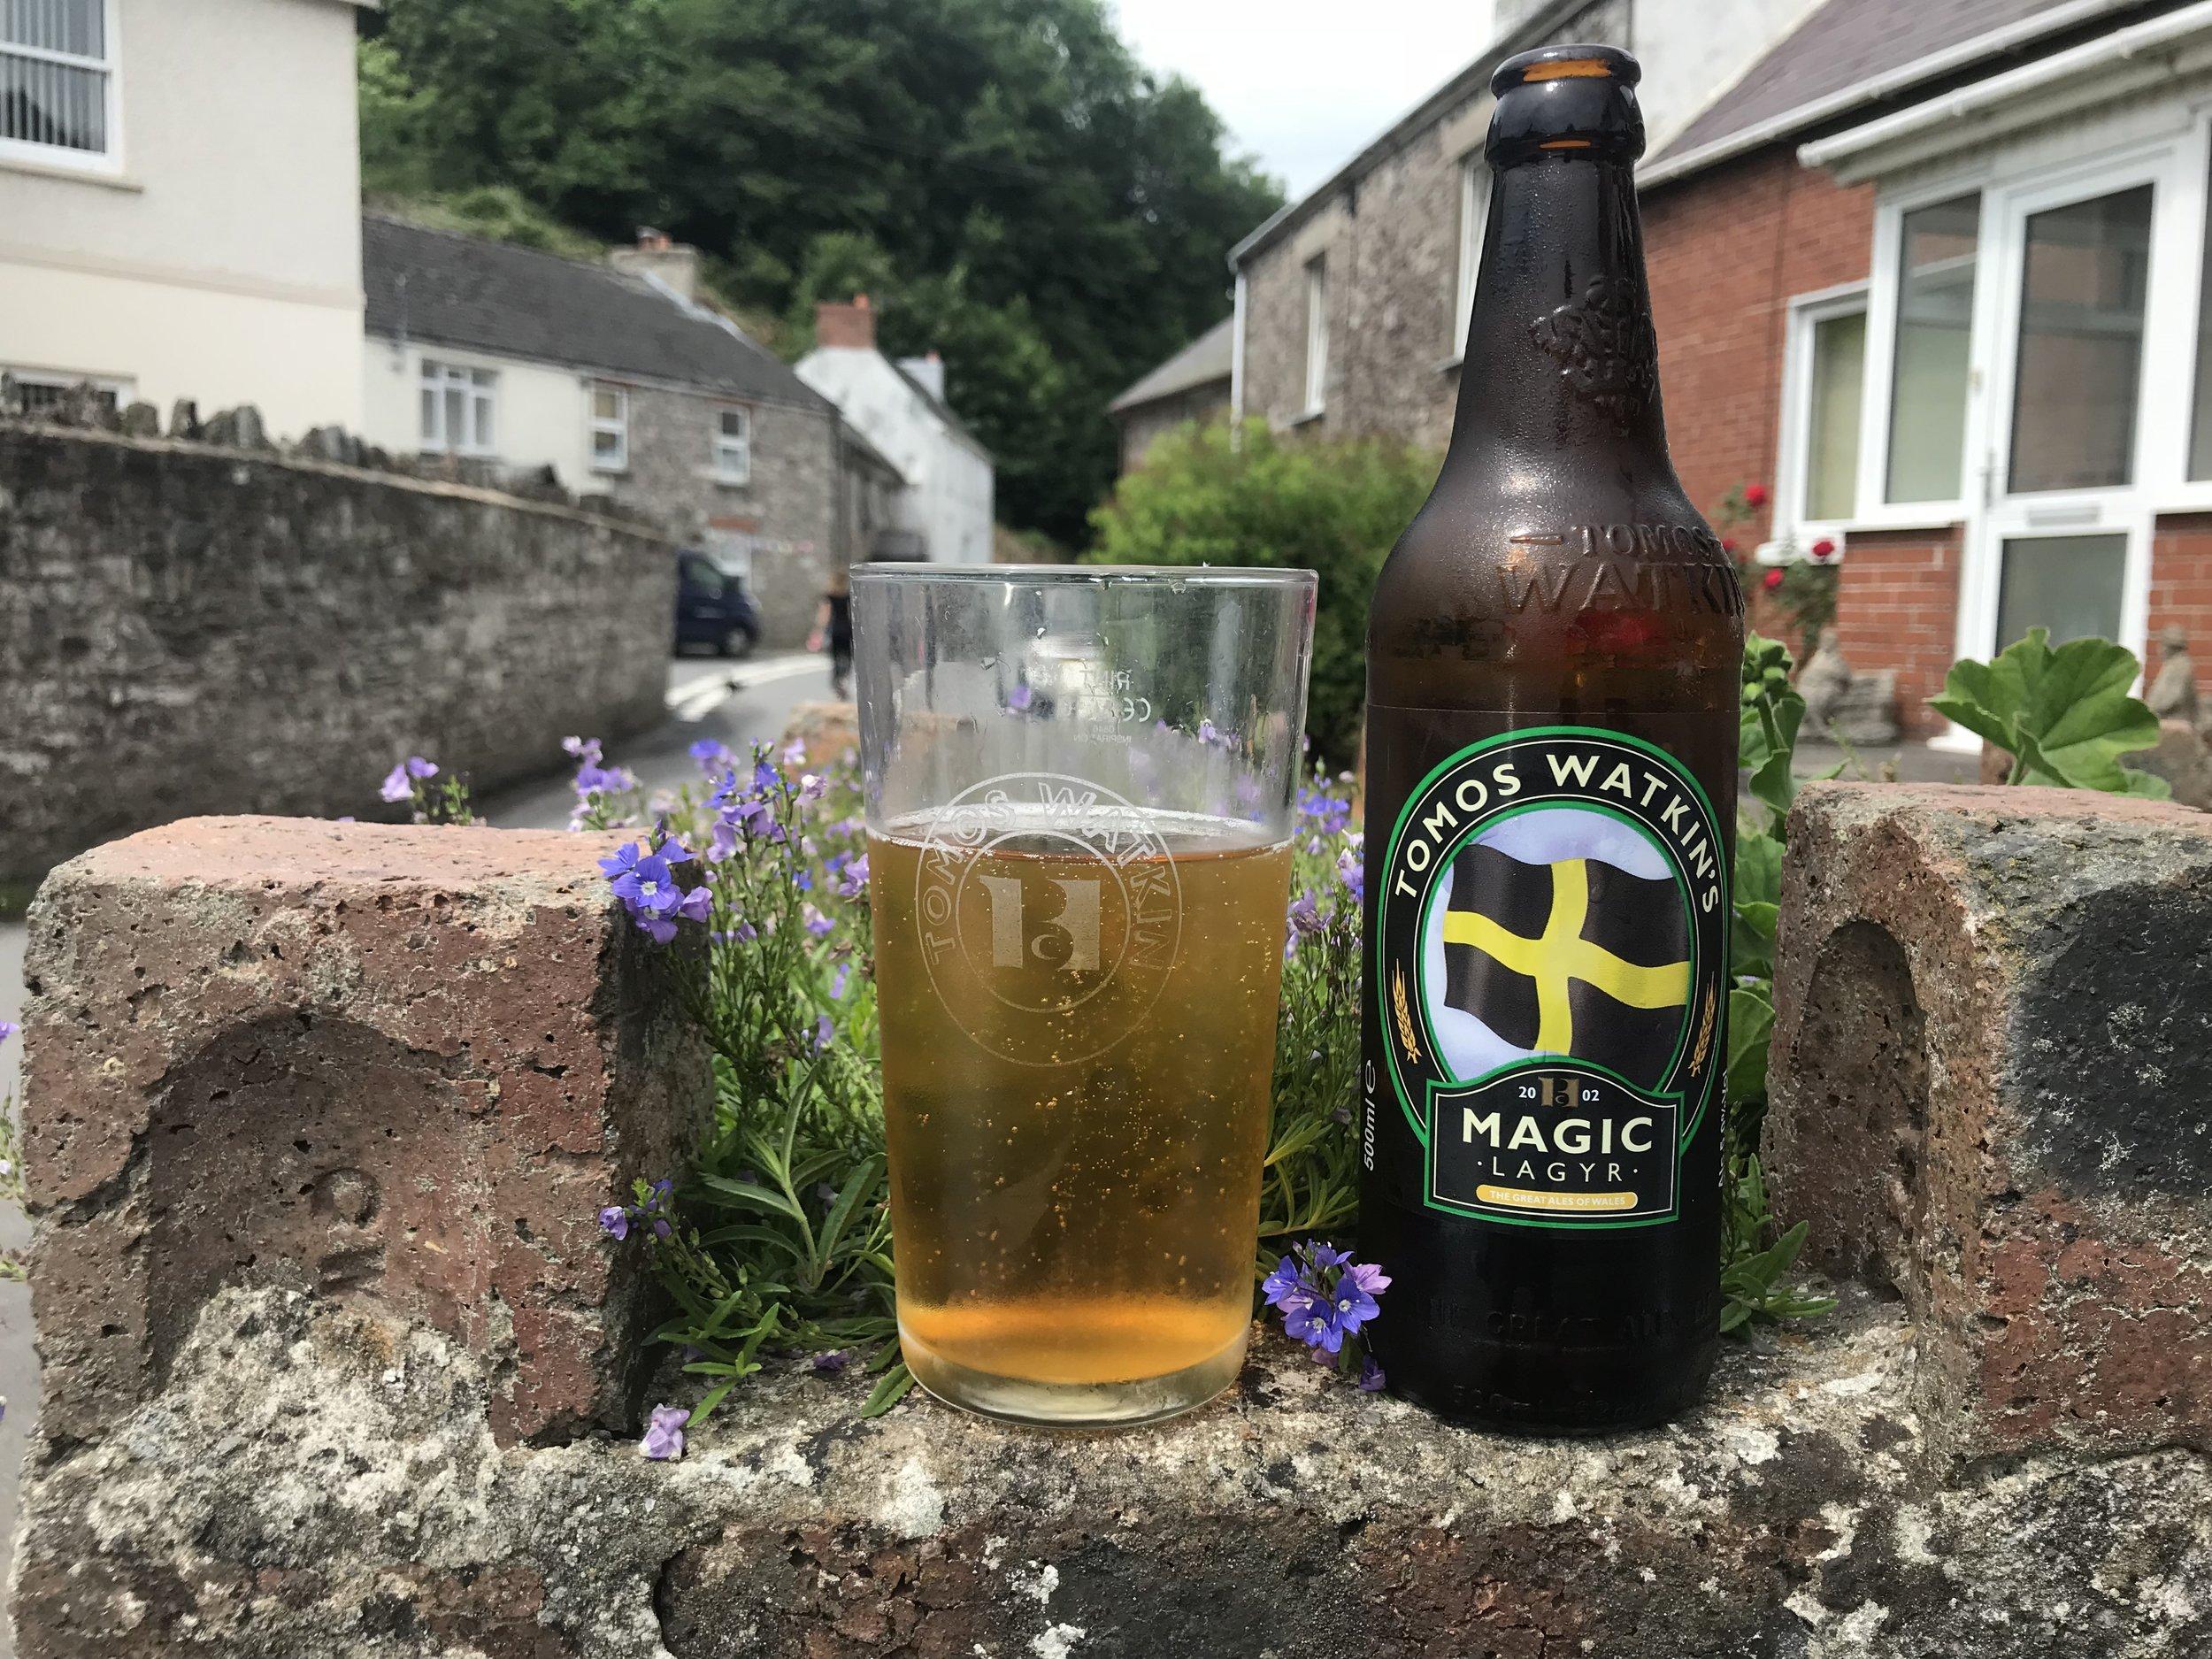 Prøver du de lokale ølsortene når du er på reise?         Foto: Odd Roar Lange